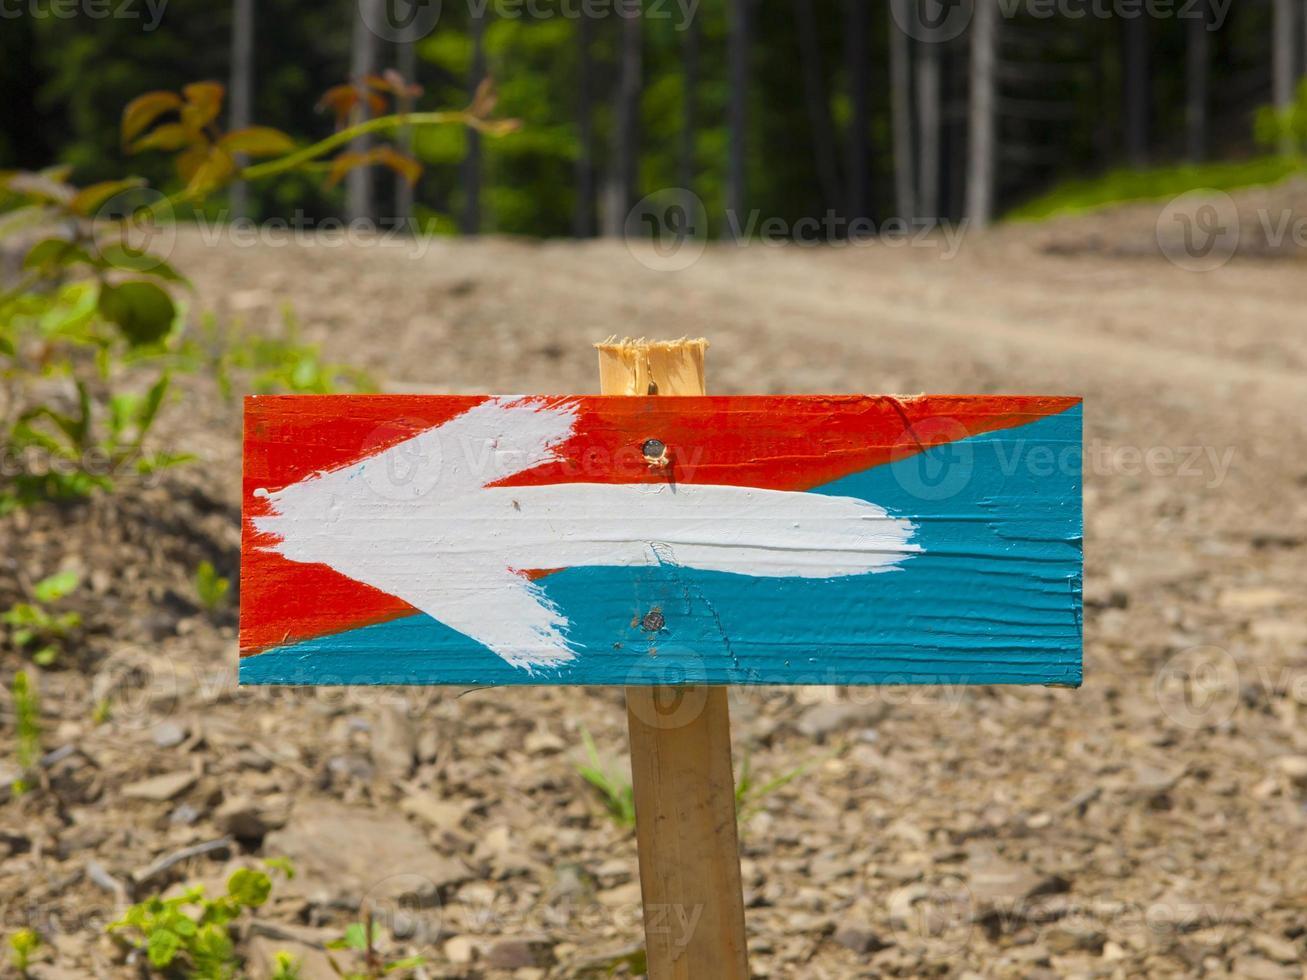 le panneau indiquant le chemin. photo